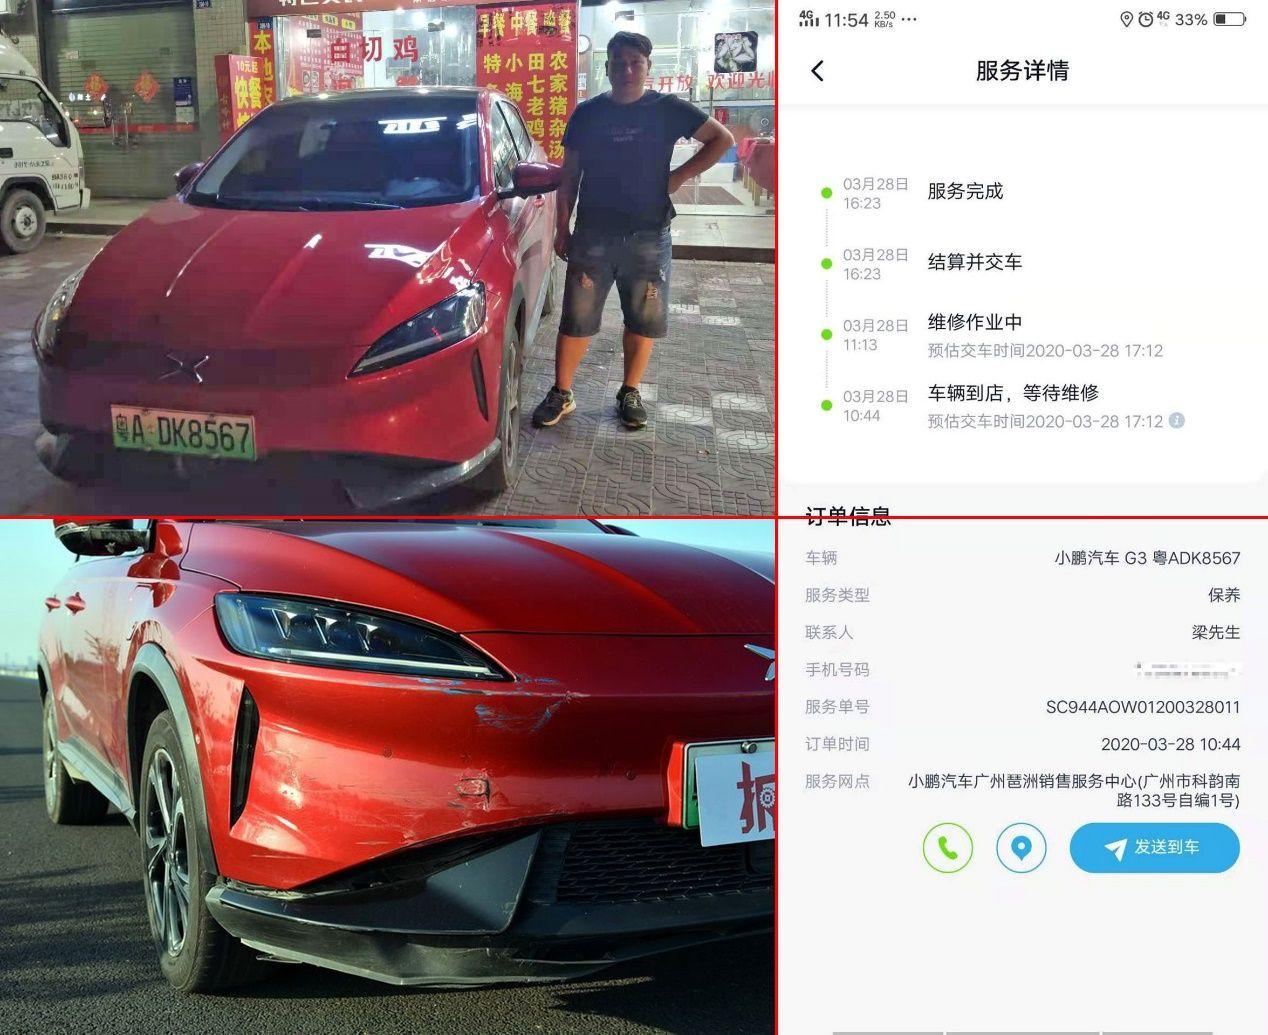 拆解15万公里小鹏G3 鉴证造车新势力技术实力